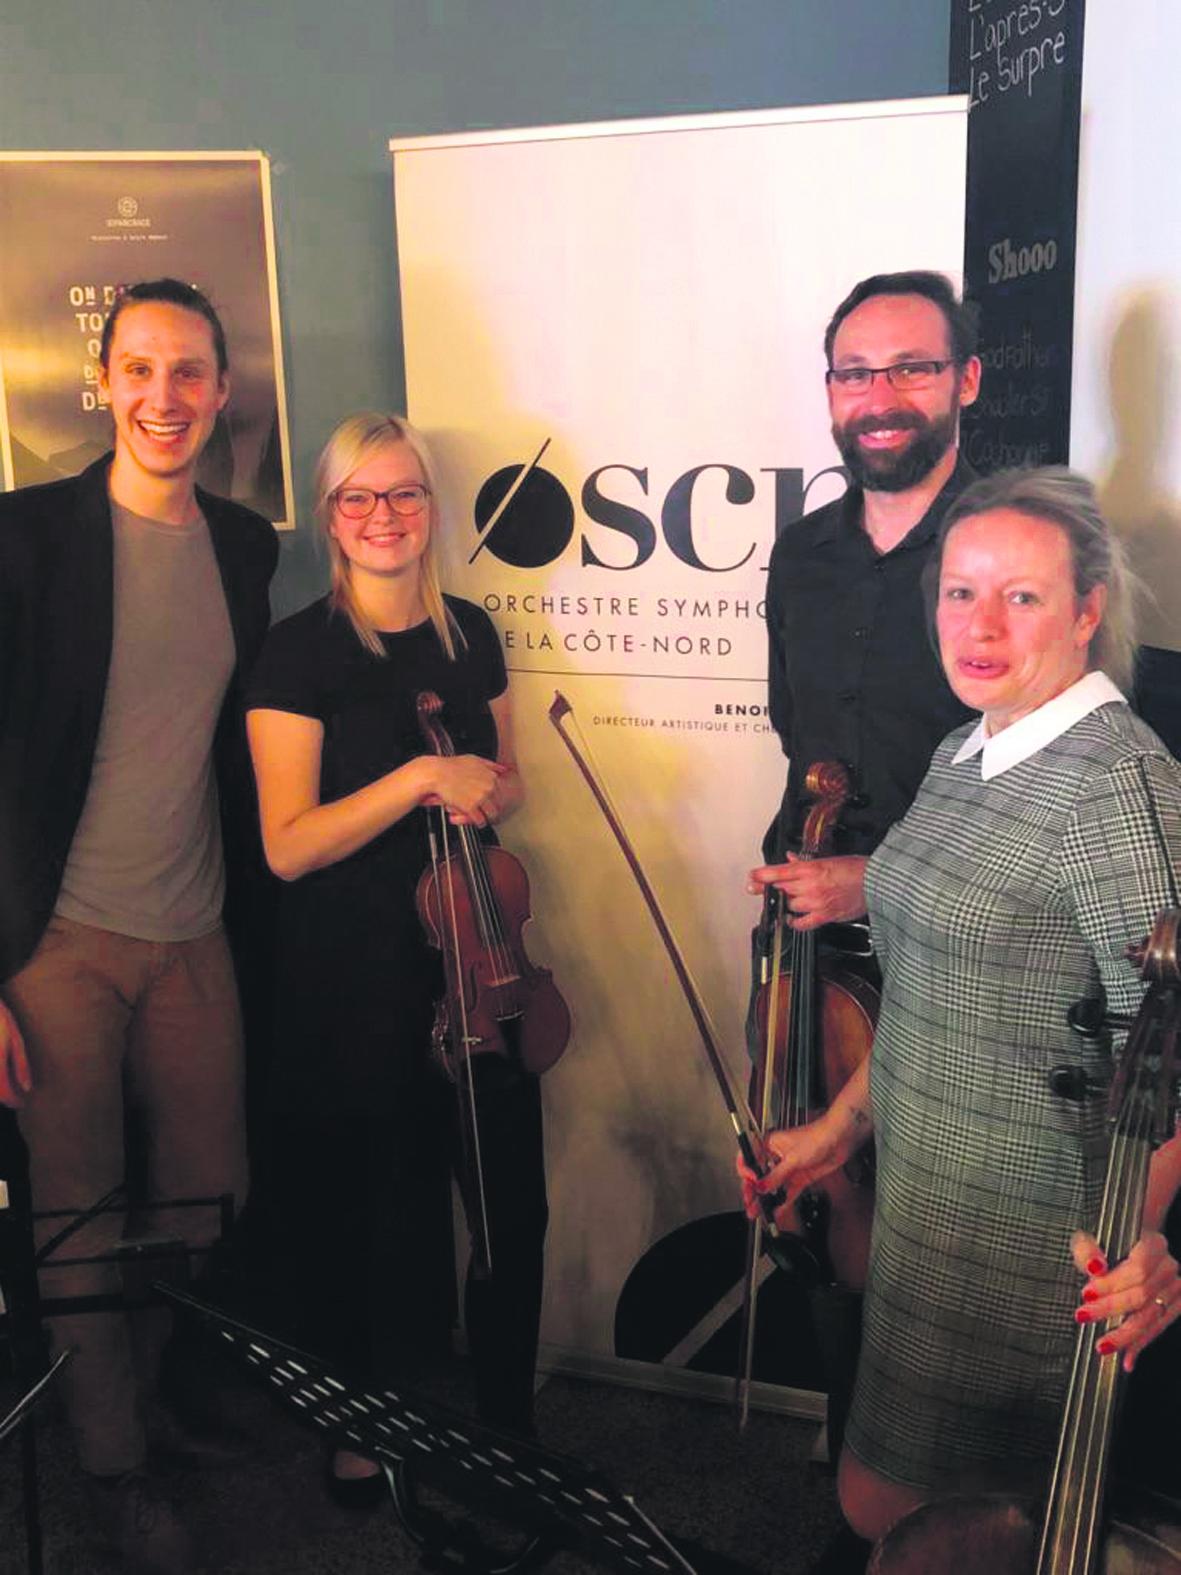 Pour sa saison 2018-2019, l'Orchestre symphonique mise sur Mozart et le cinéma